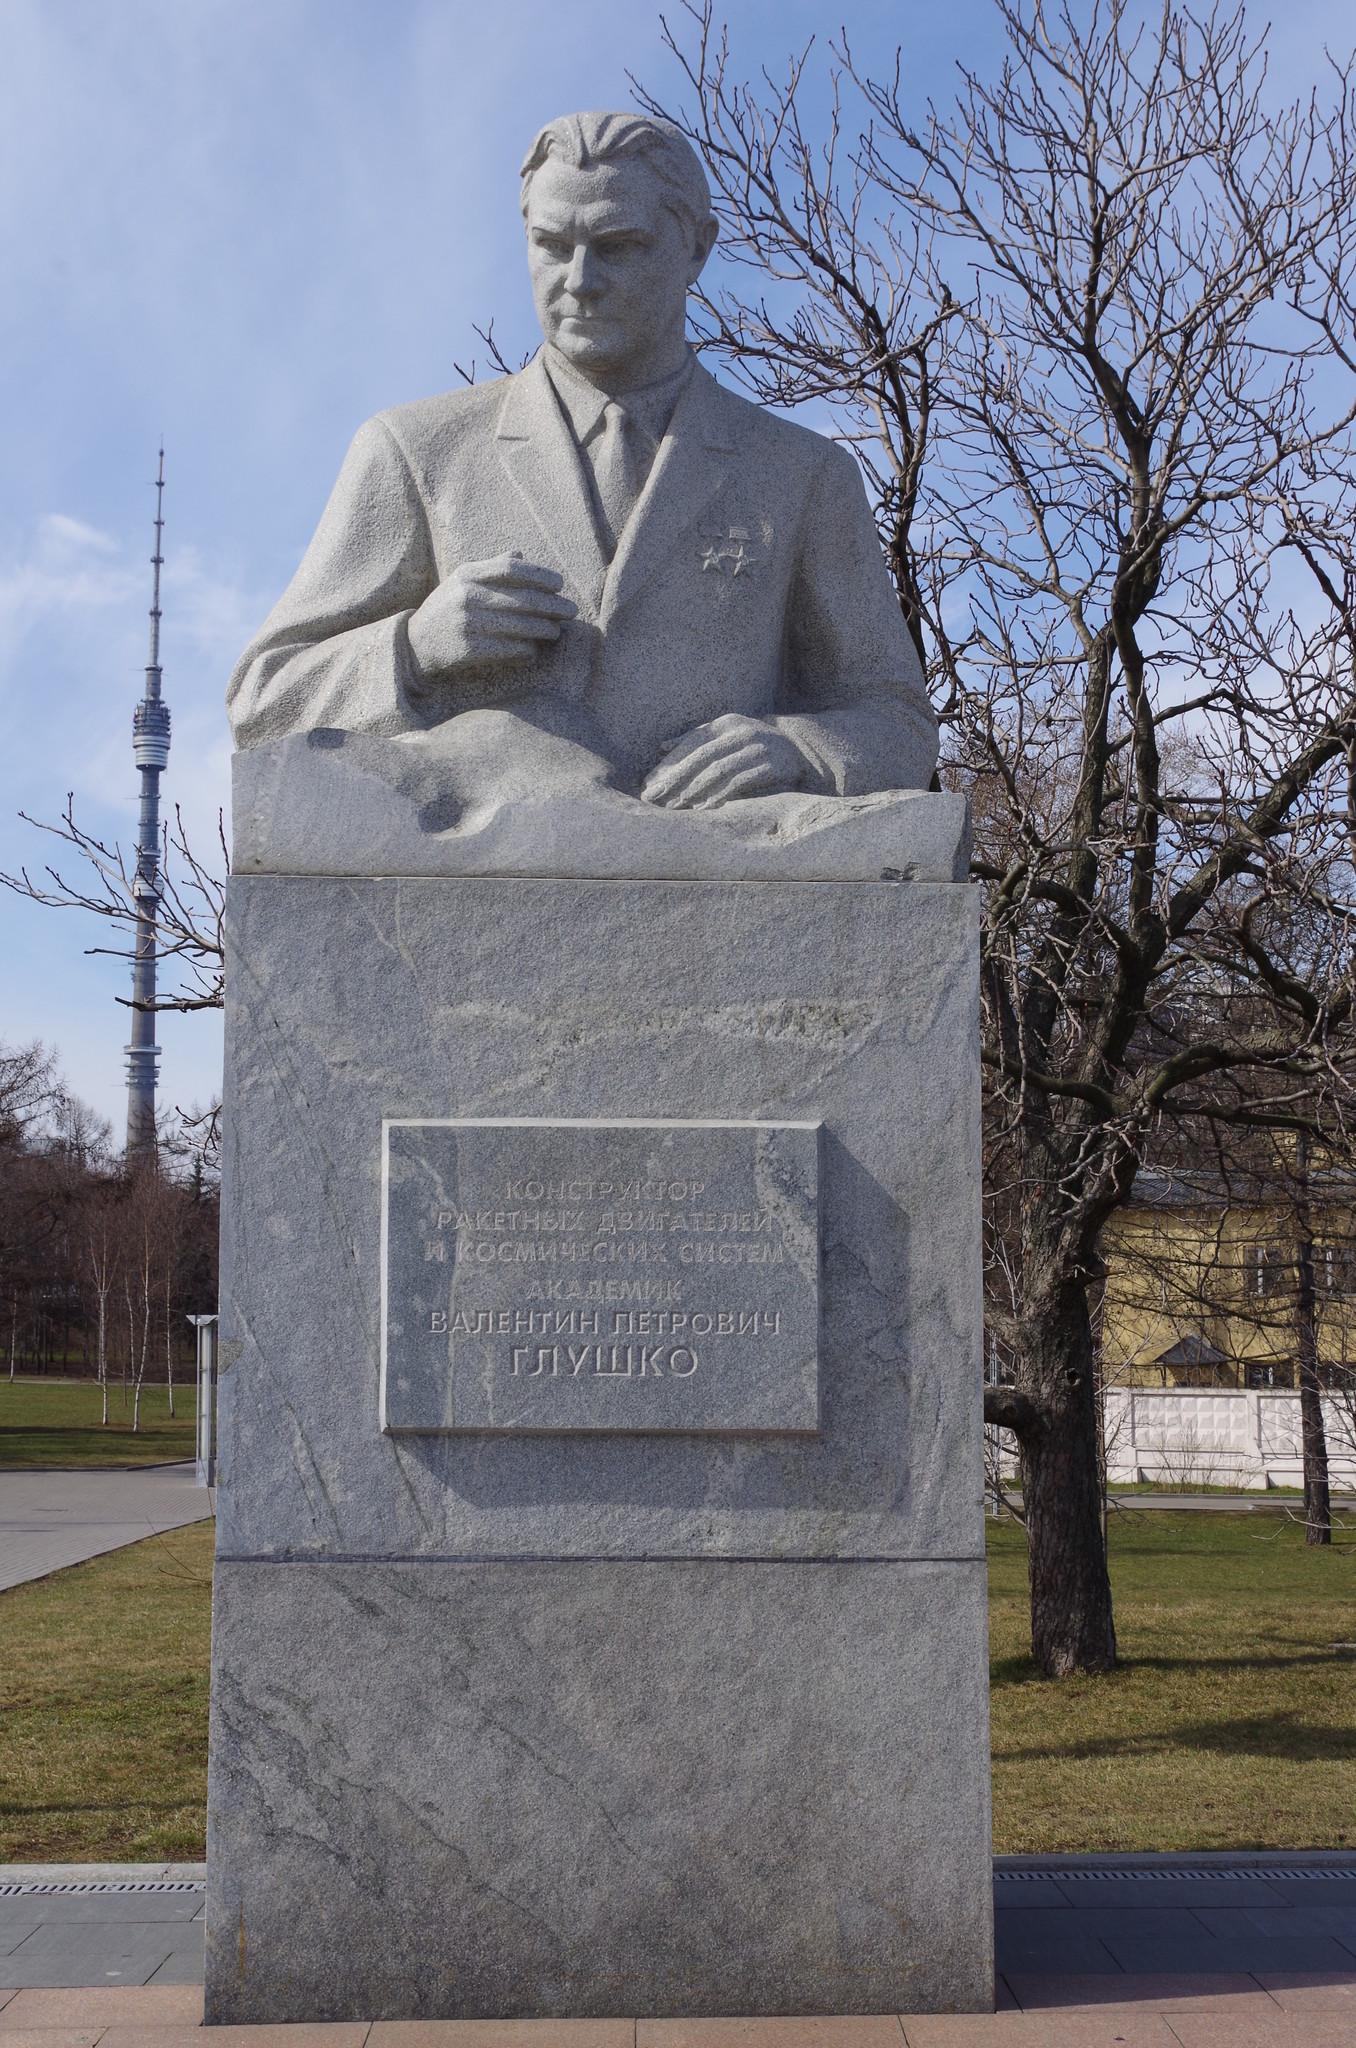 Памятник Валентину Петровичу Глушко на Аллее Космонавтов в Москве